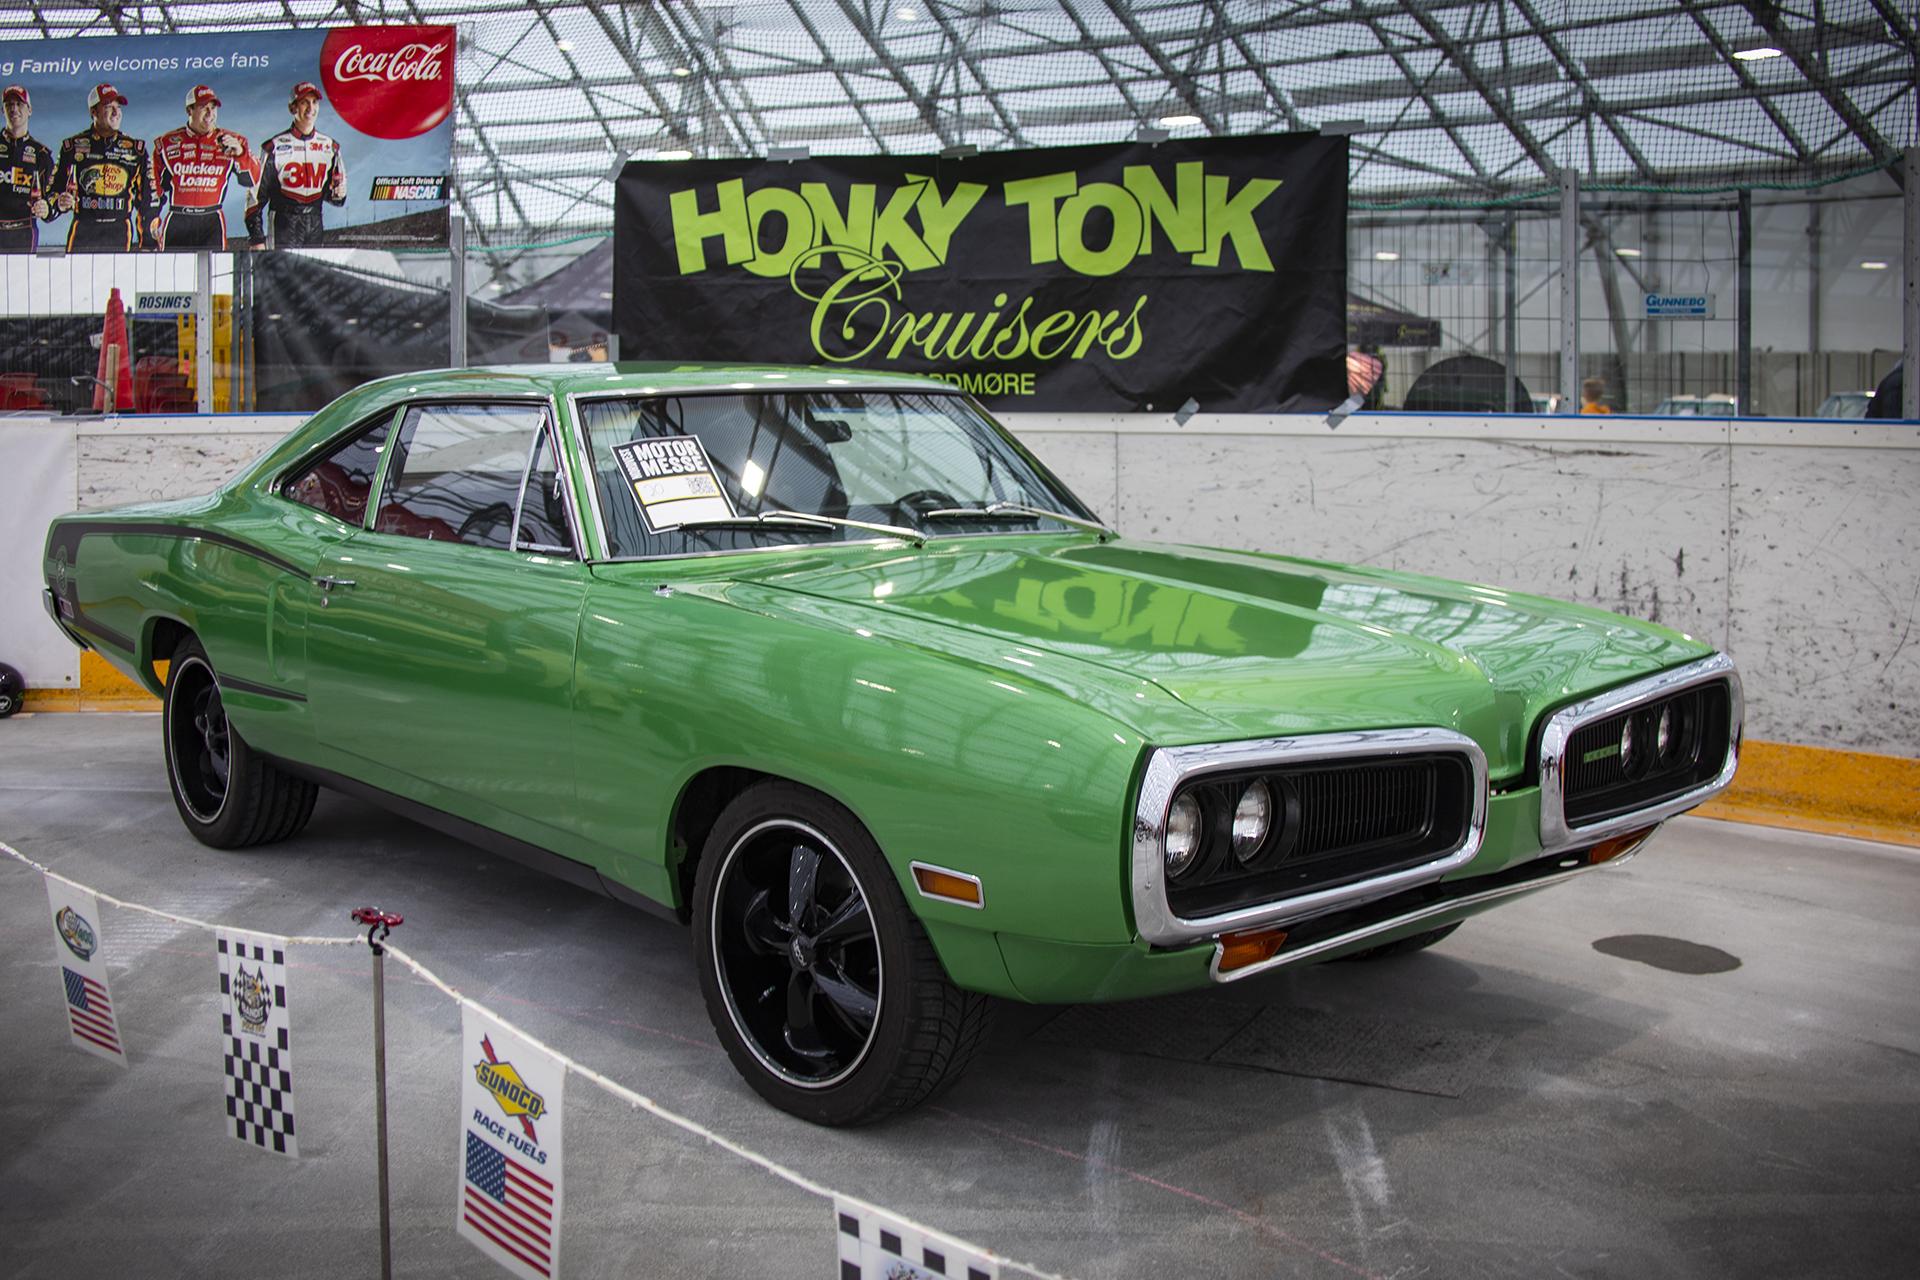 Odd Erik Ørbog tok med seg storeslem som beste bil på messen. Det gjorde han med denne 1970 Dodge Coroneten.